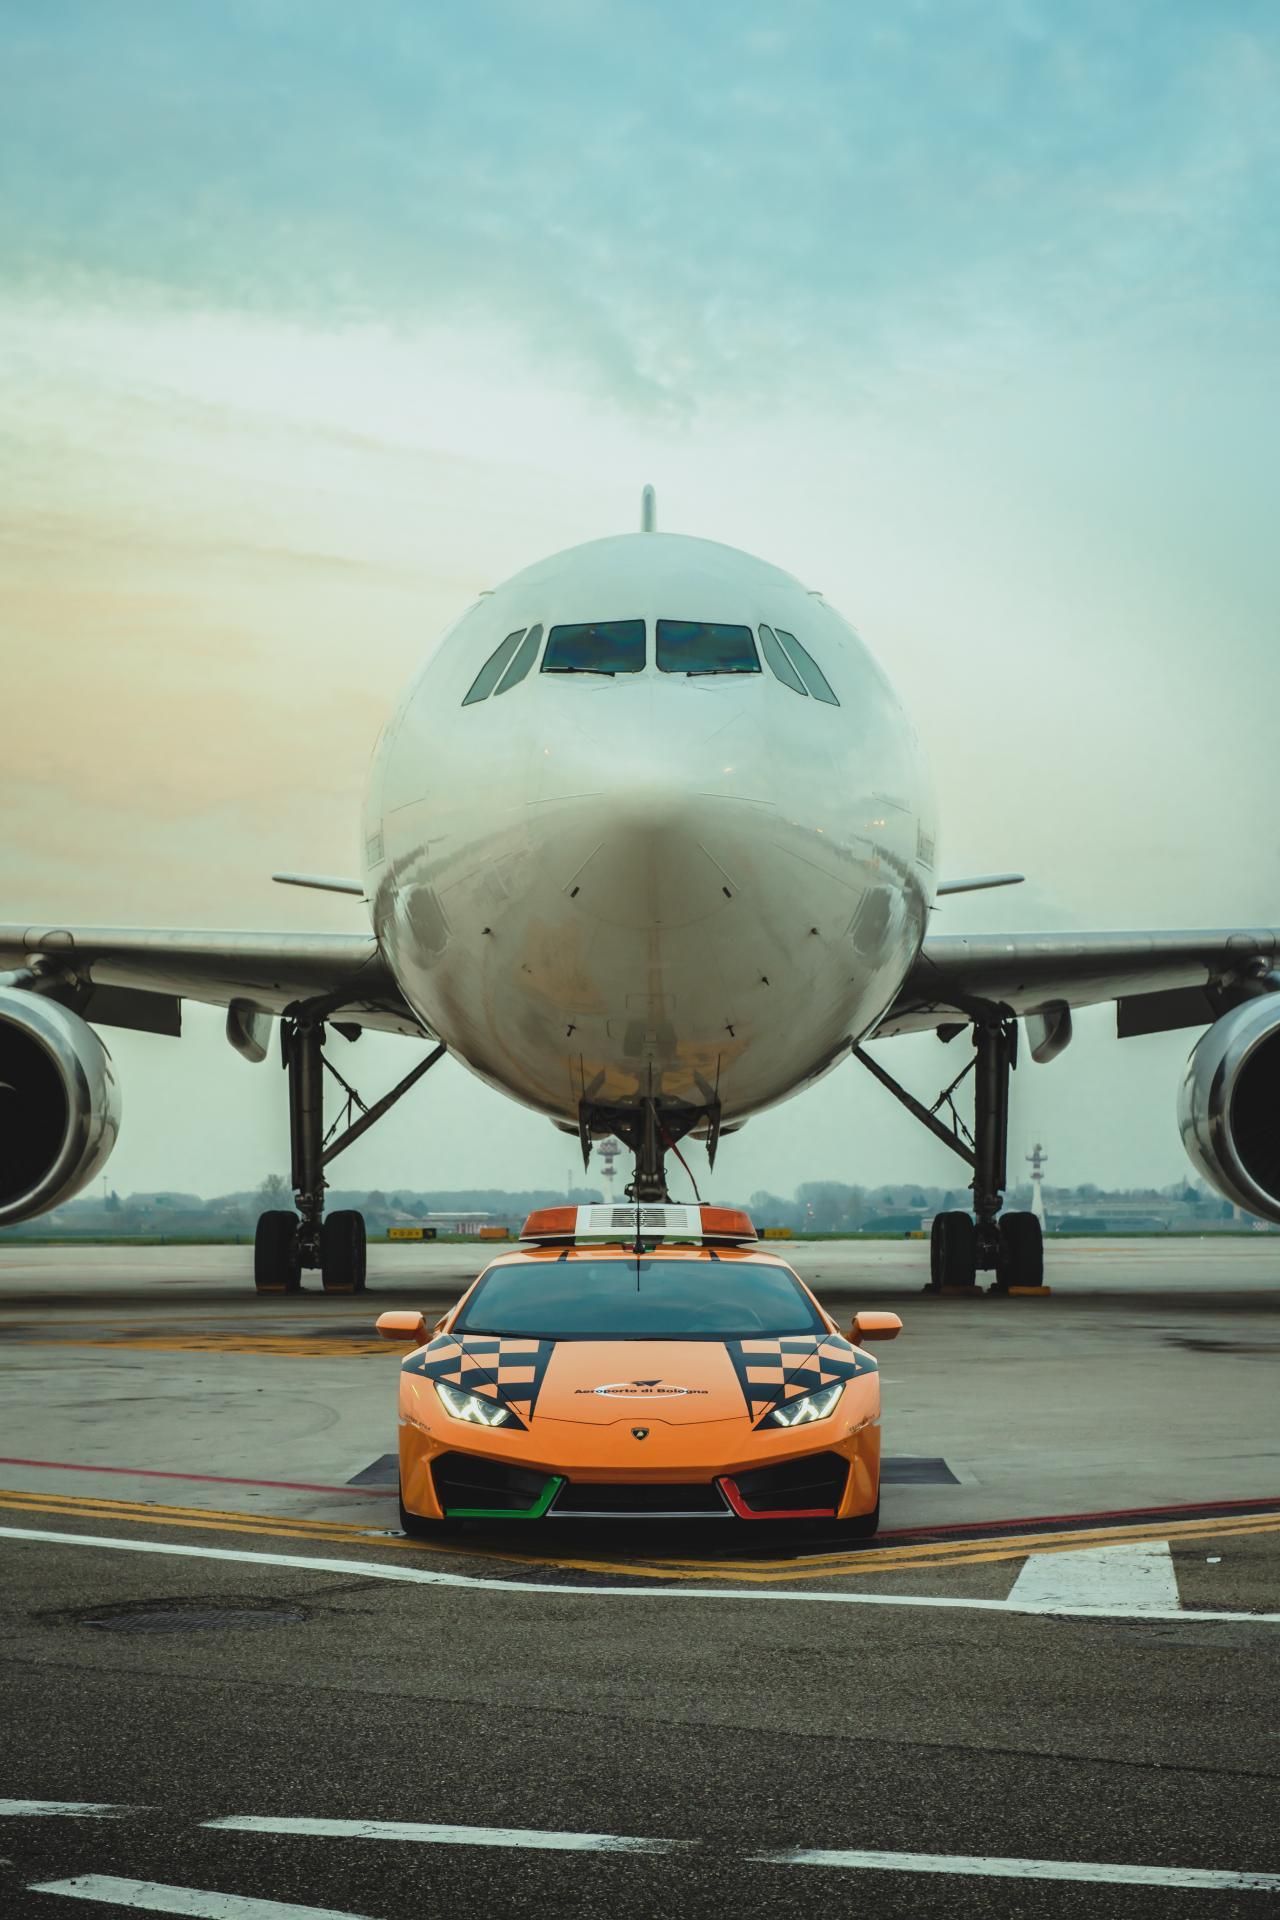 Lamborghini-Huracan-RWD-Follow-Me-Car-Bologna-Airport-2